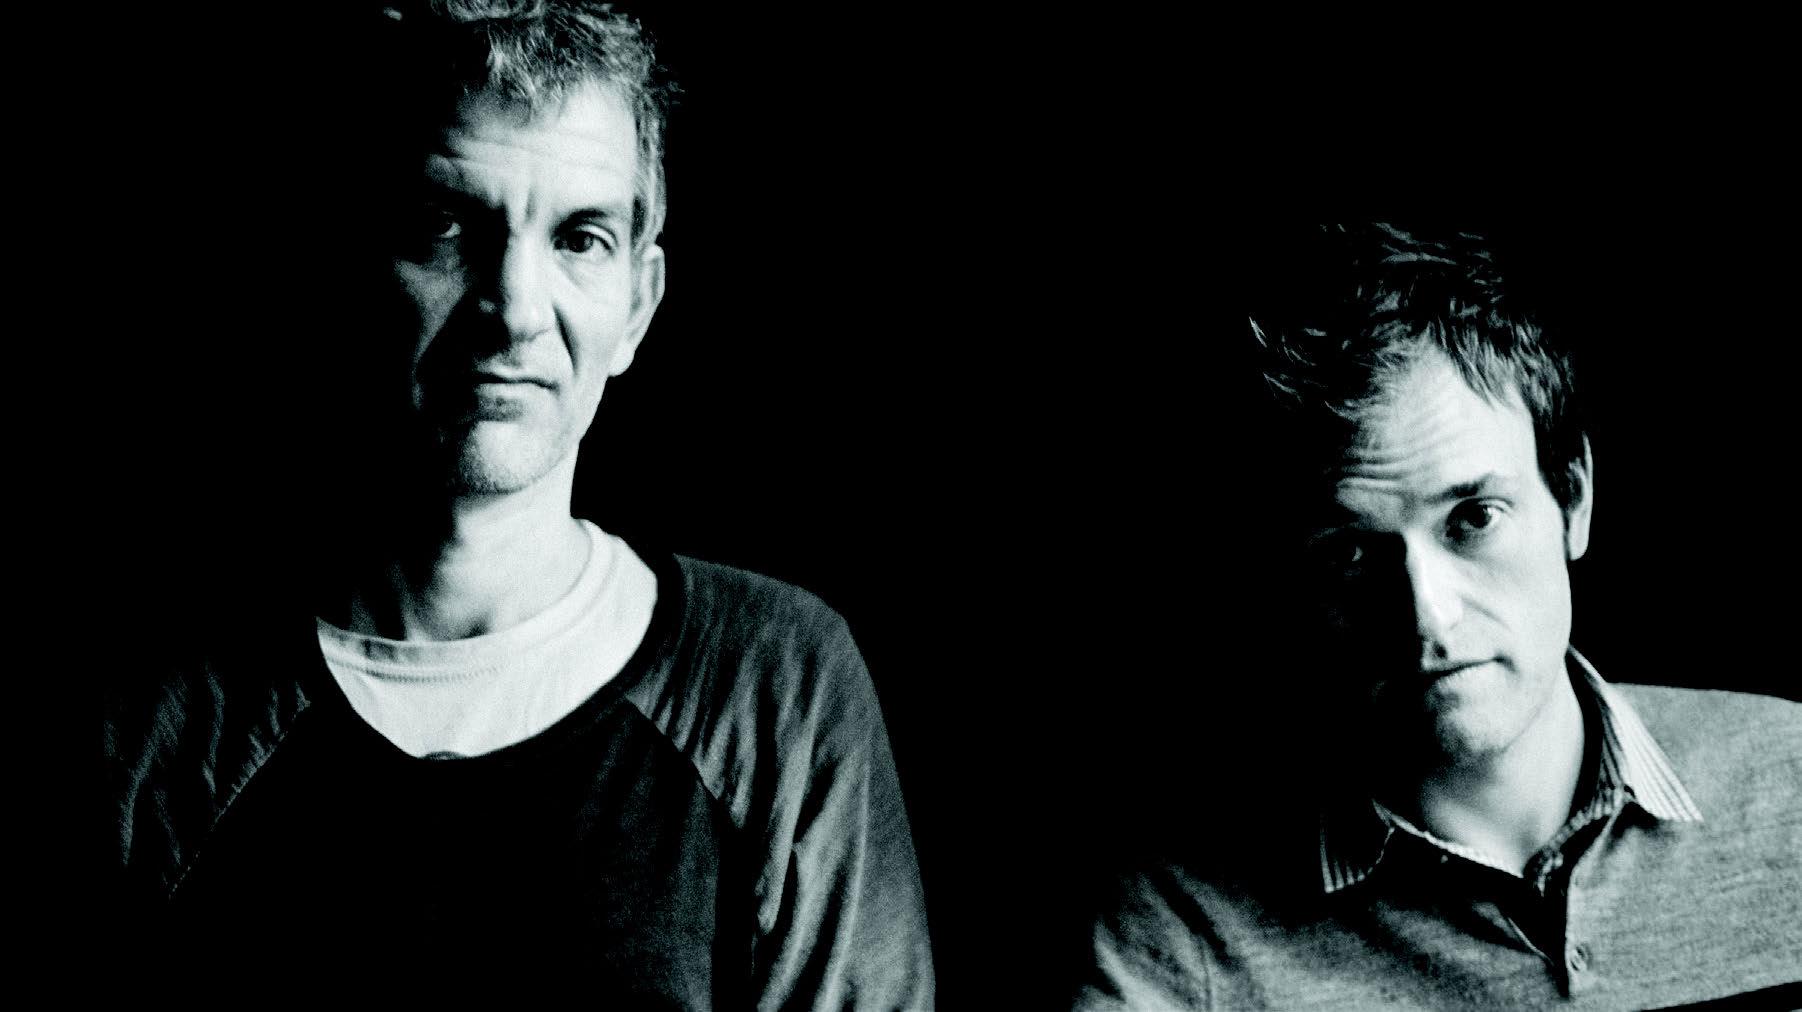 Review of Chris Thile & Brad Mehldau